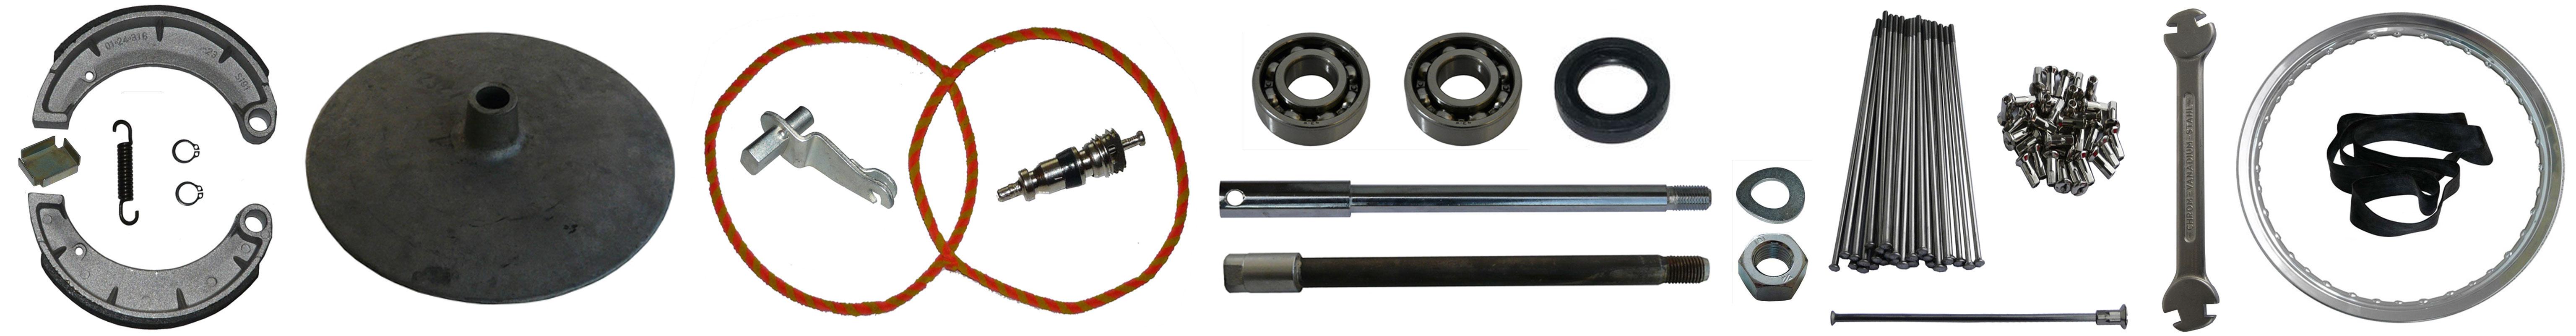 MZ TS 250-0 250-1 Ersatzteile Vorderrad Bremse